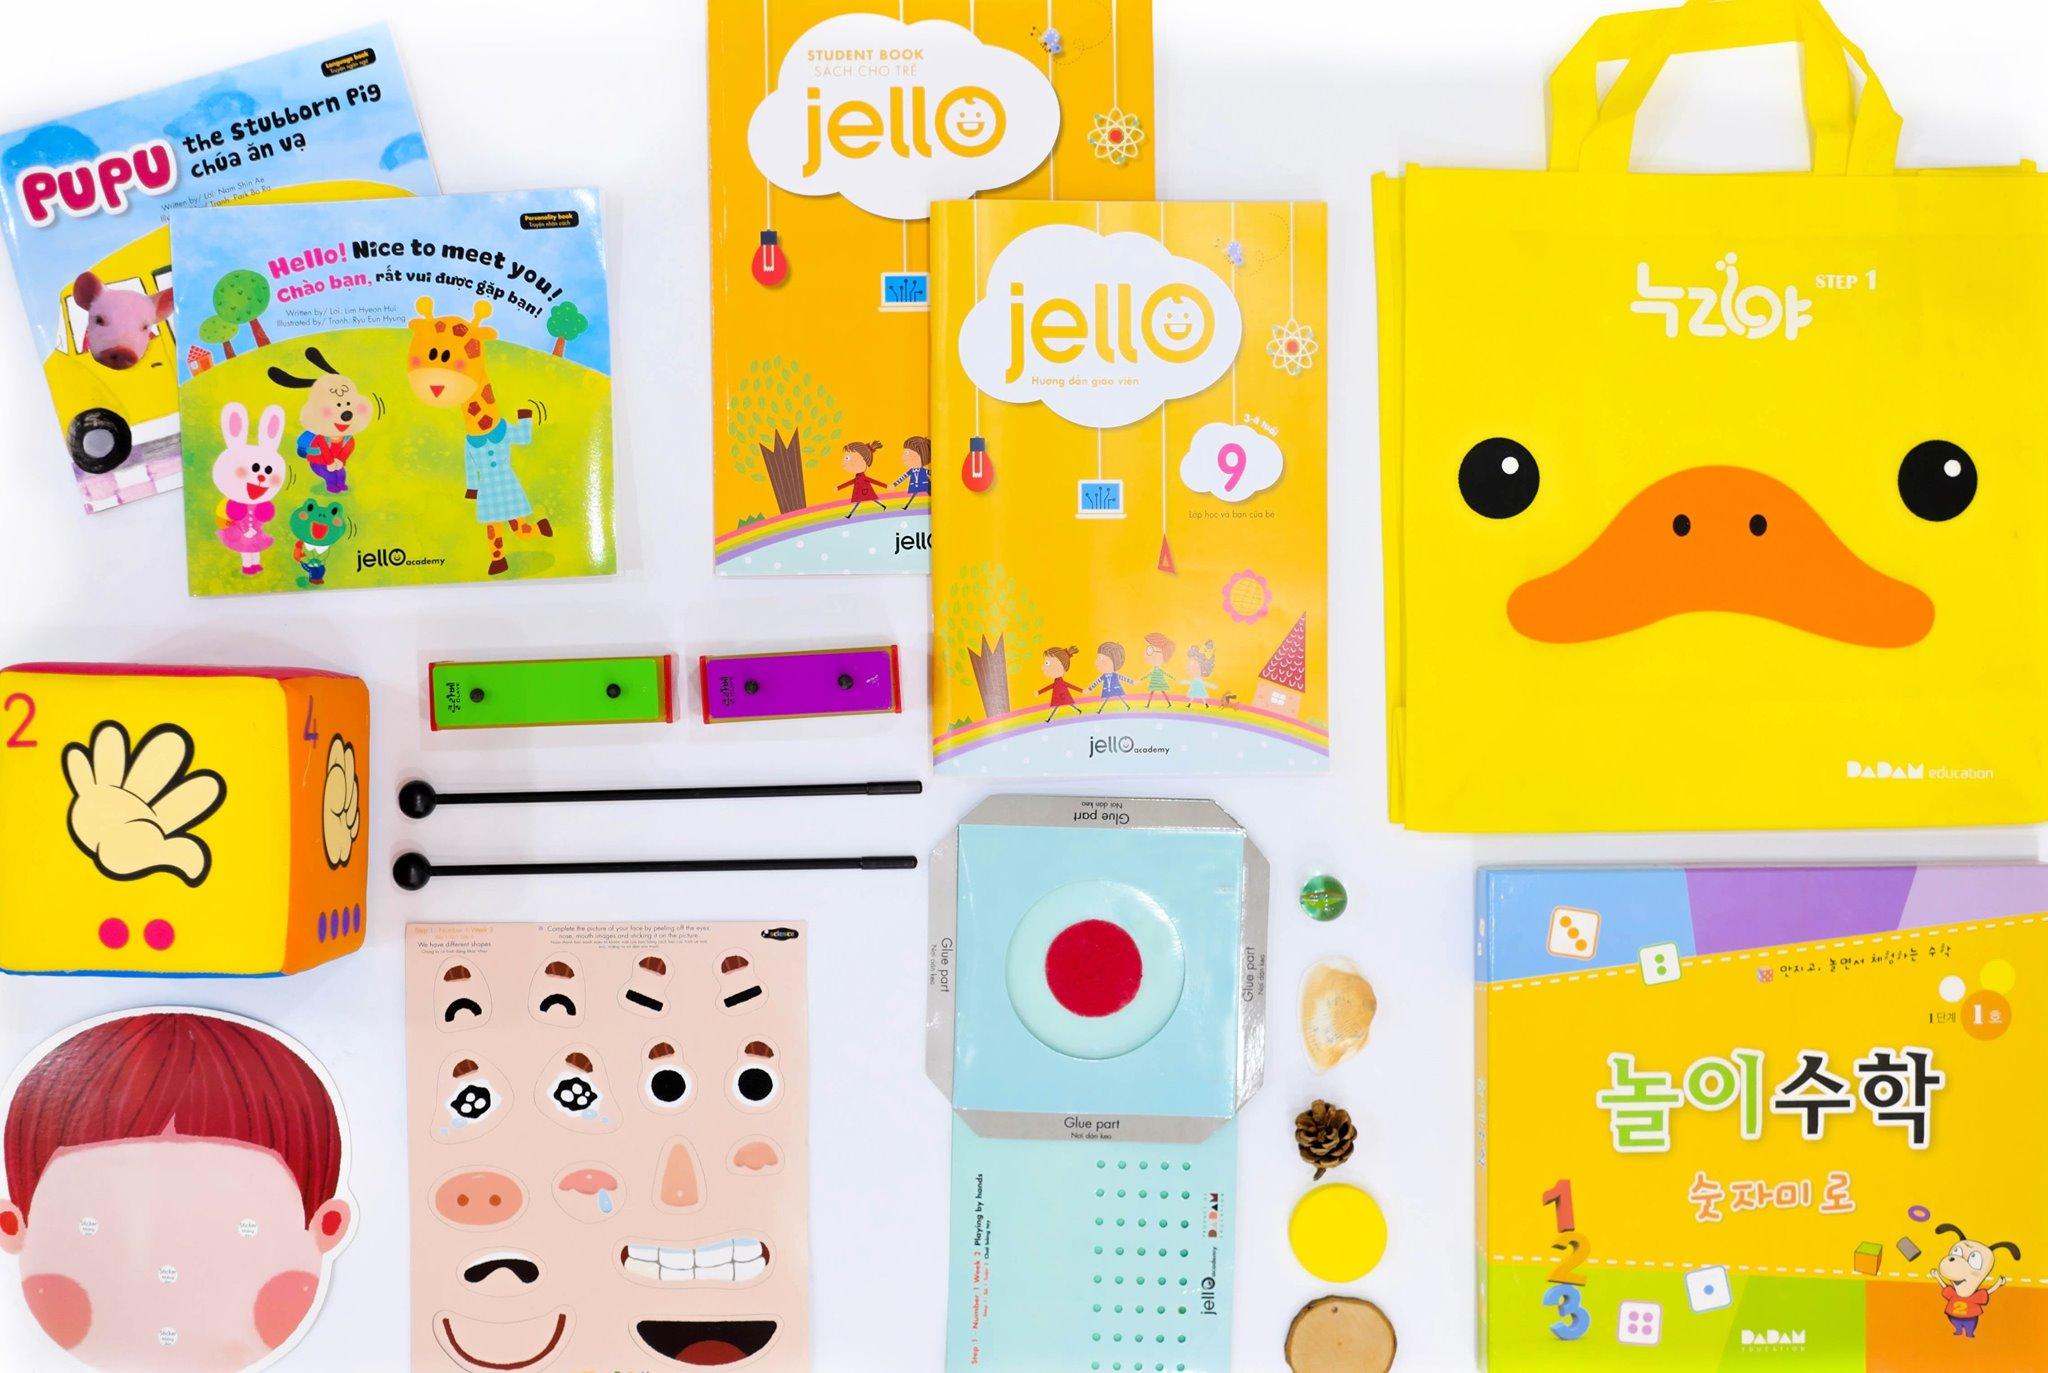 Bộ học cụ Jello - 3 Tuổi - Tháng 09